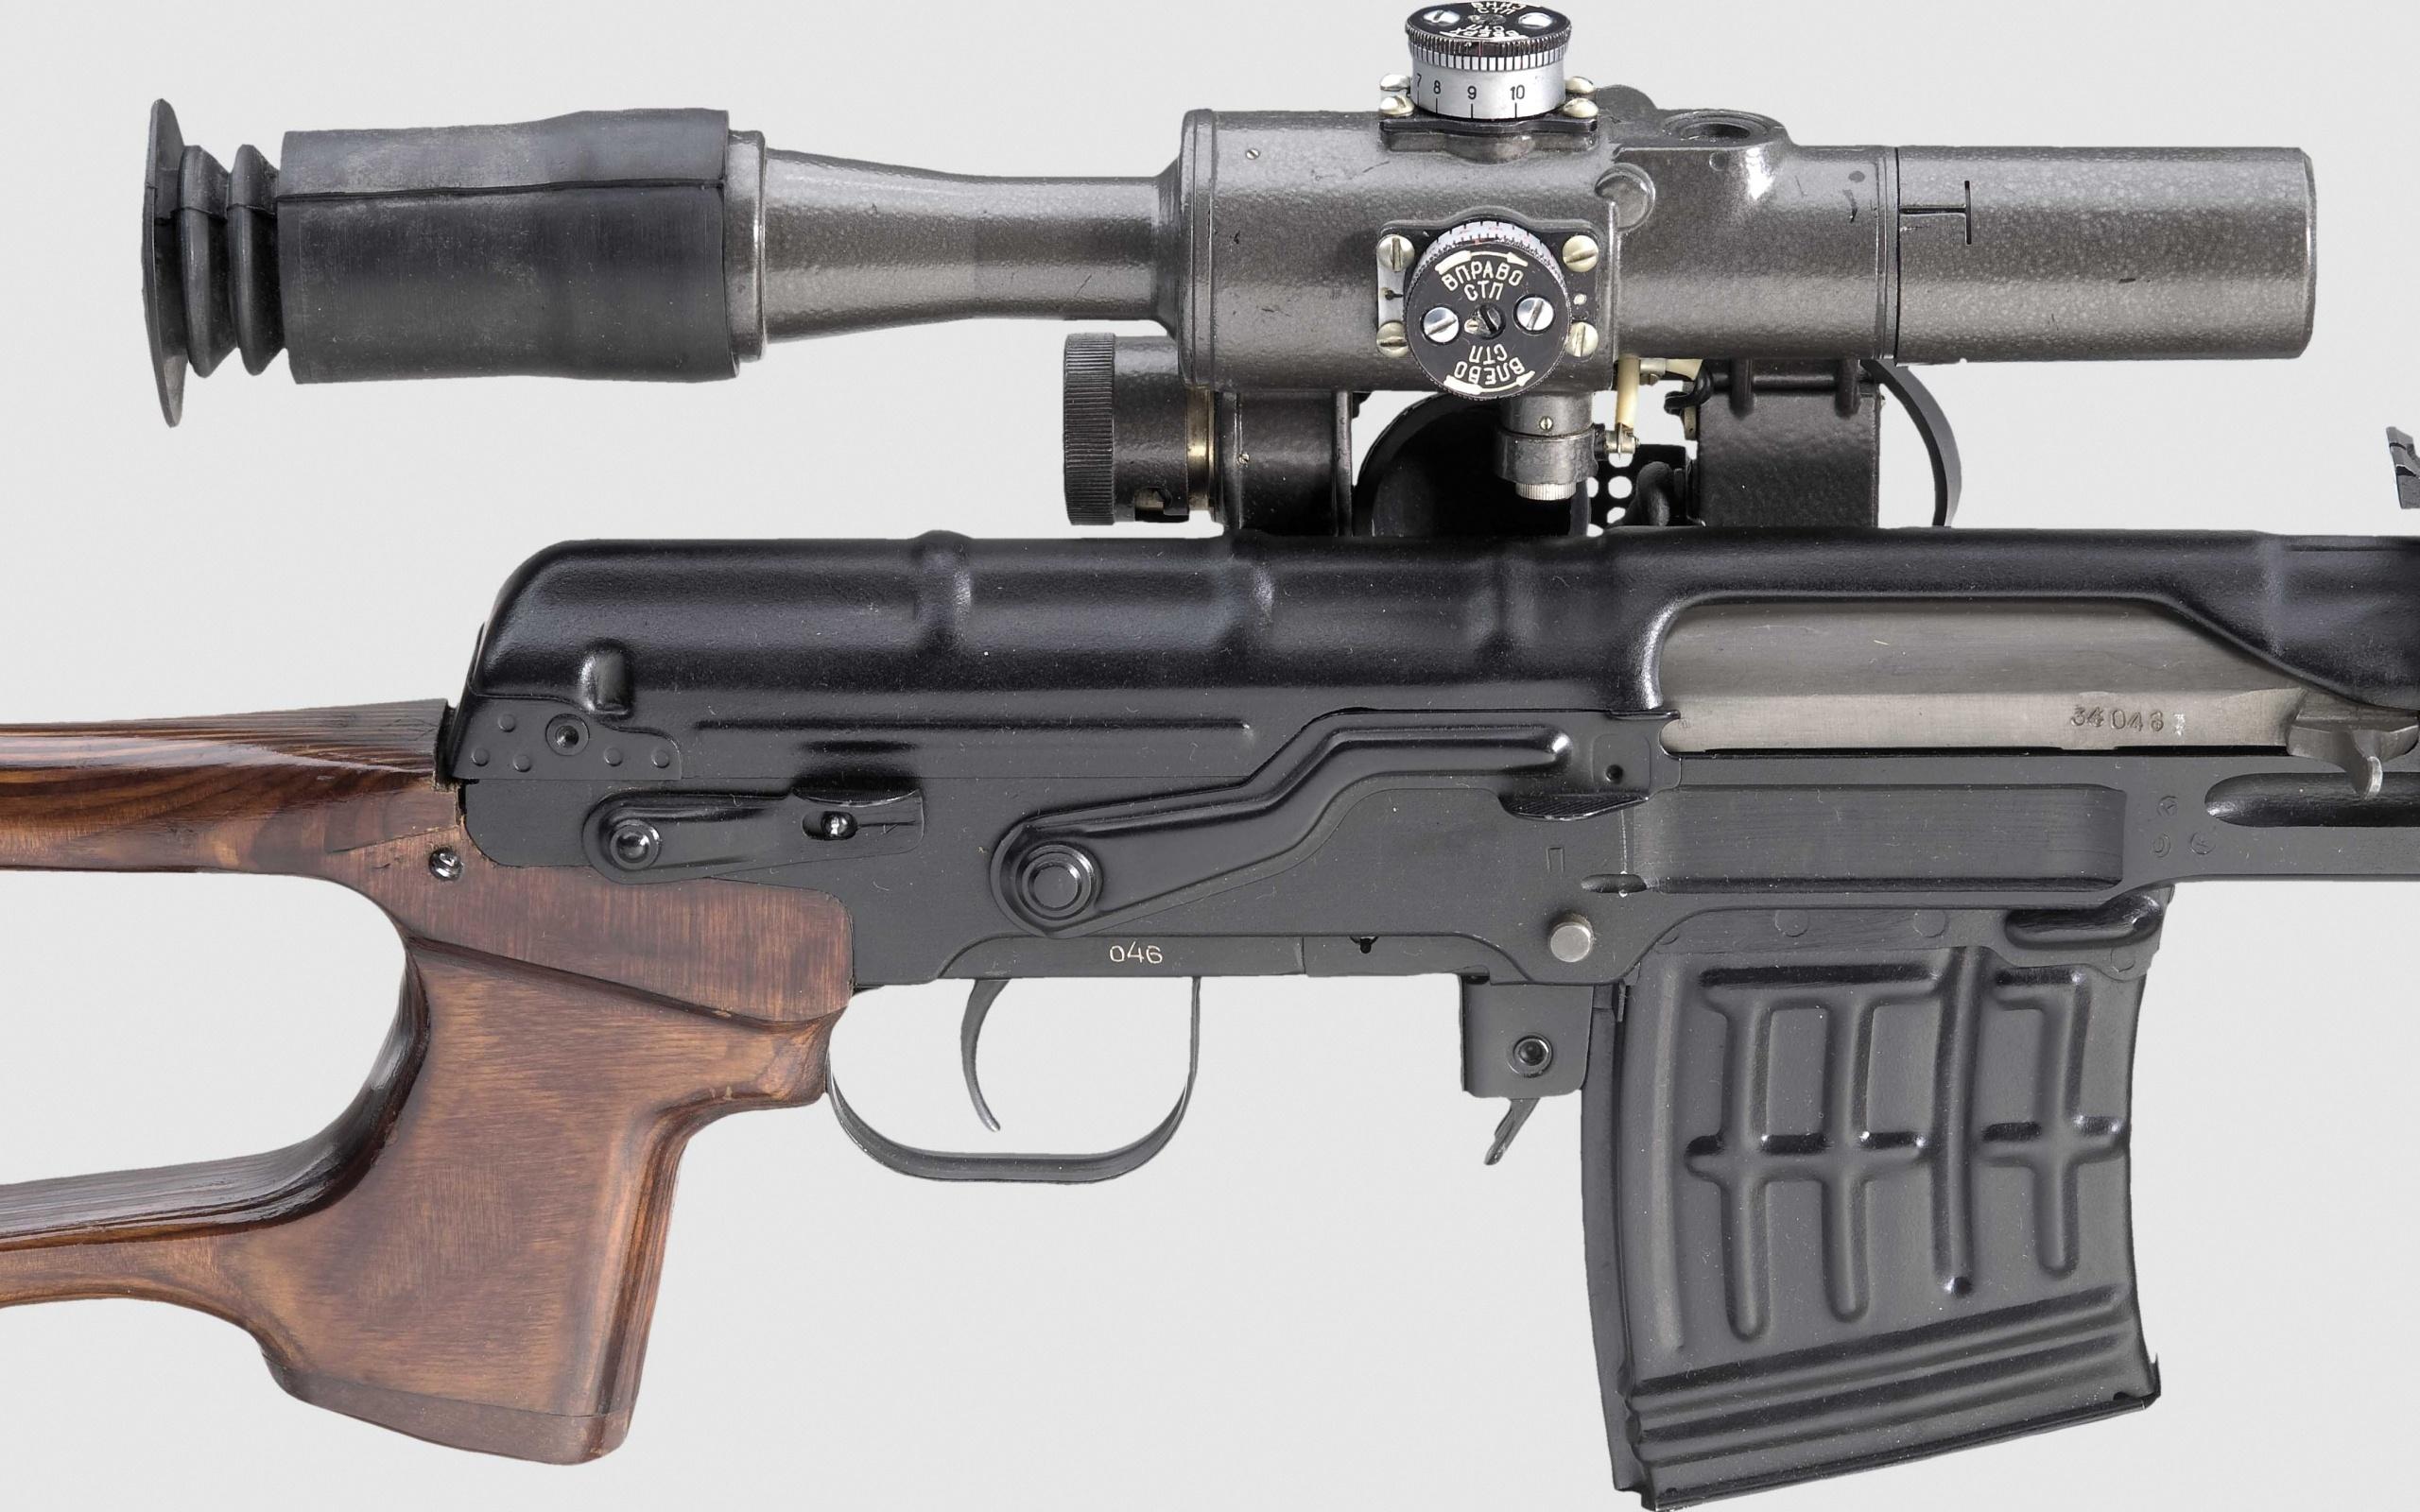 壁紙、小銃、スナイパーライフル...